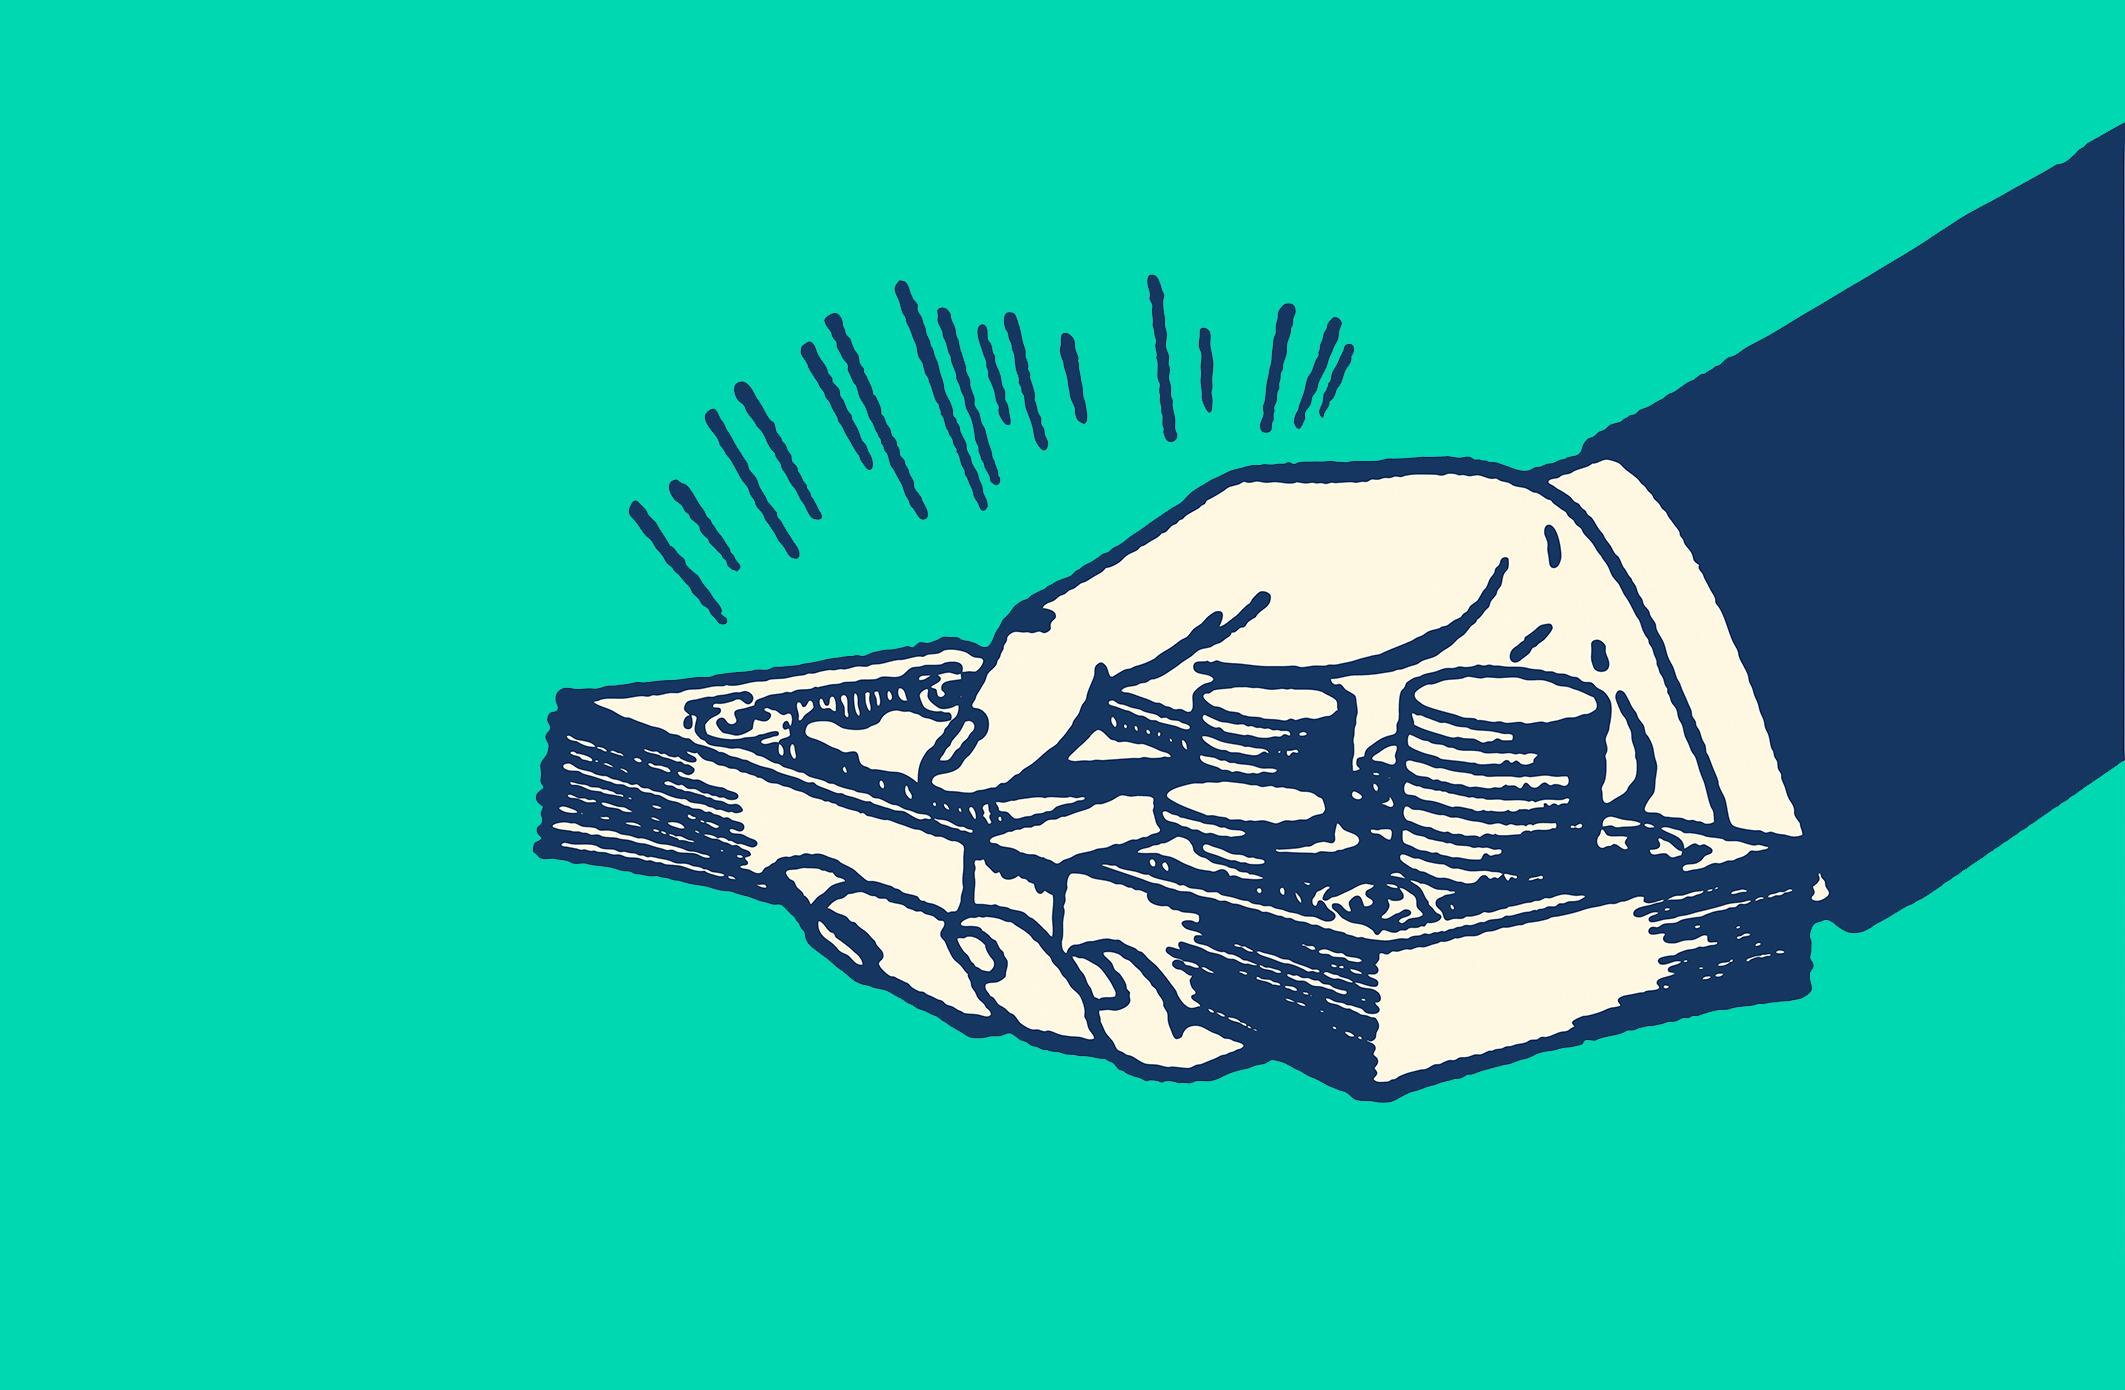 在国内,政府补贴早就已经是很多企业重要的收入来源,大众熟知的包括新能源汽车补贴、汽车购置税补贴、购房补贴等。其实处在时代发展前沿的互联网行业,更是政府补贴的重要对象。